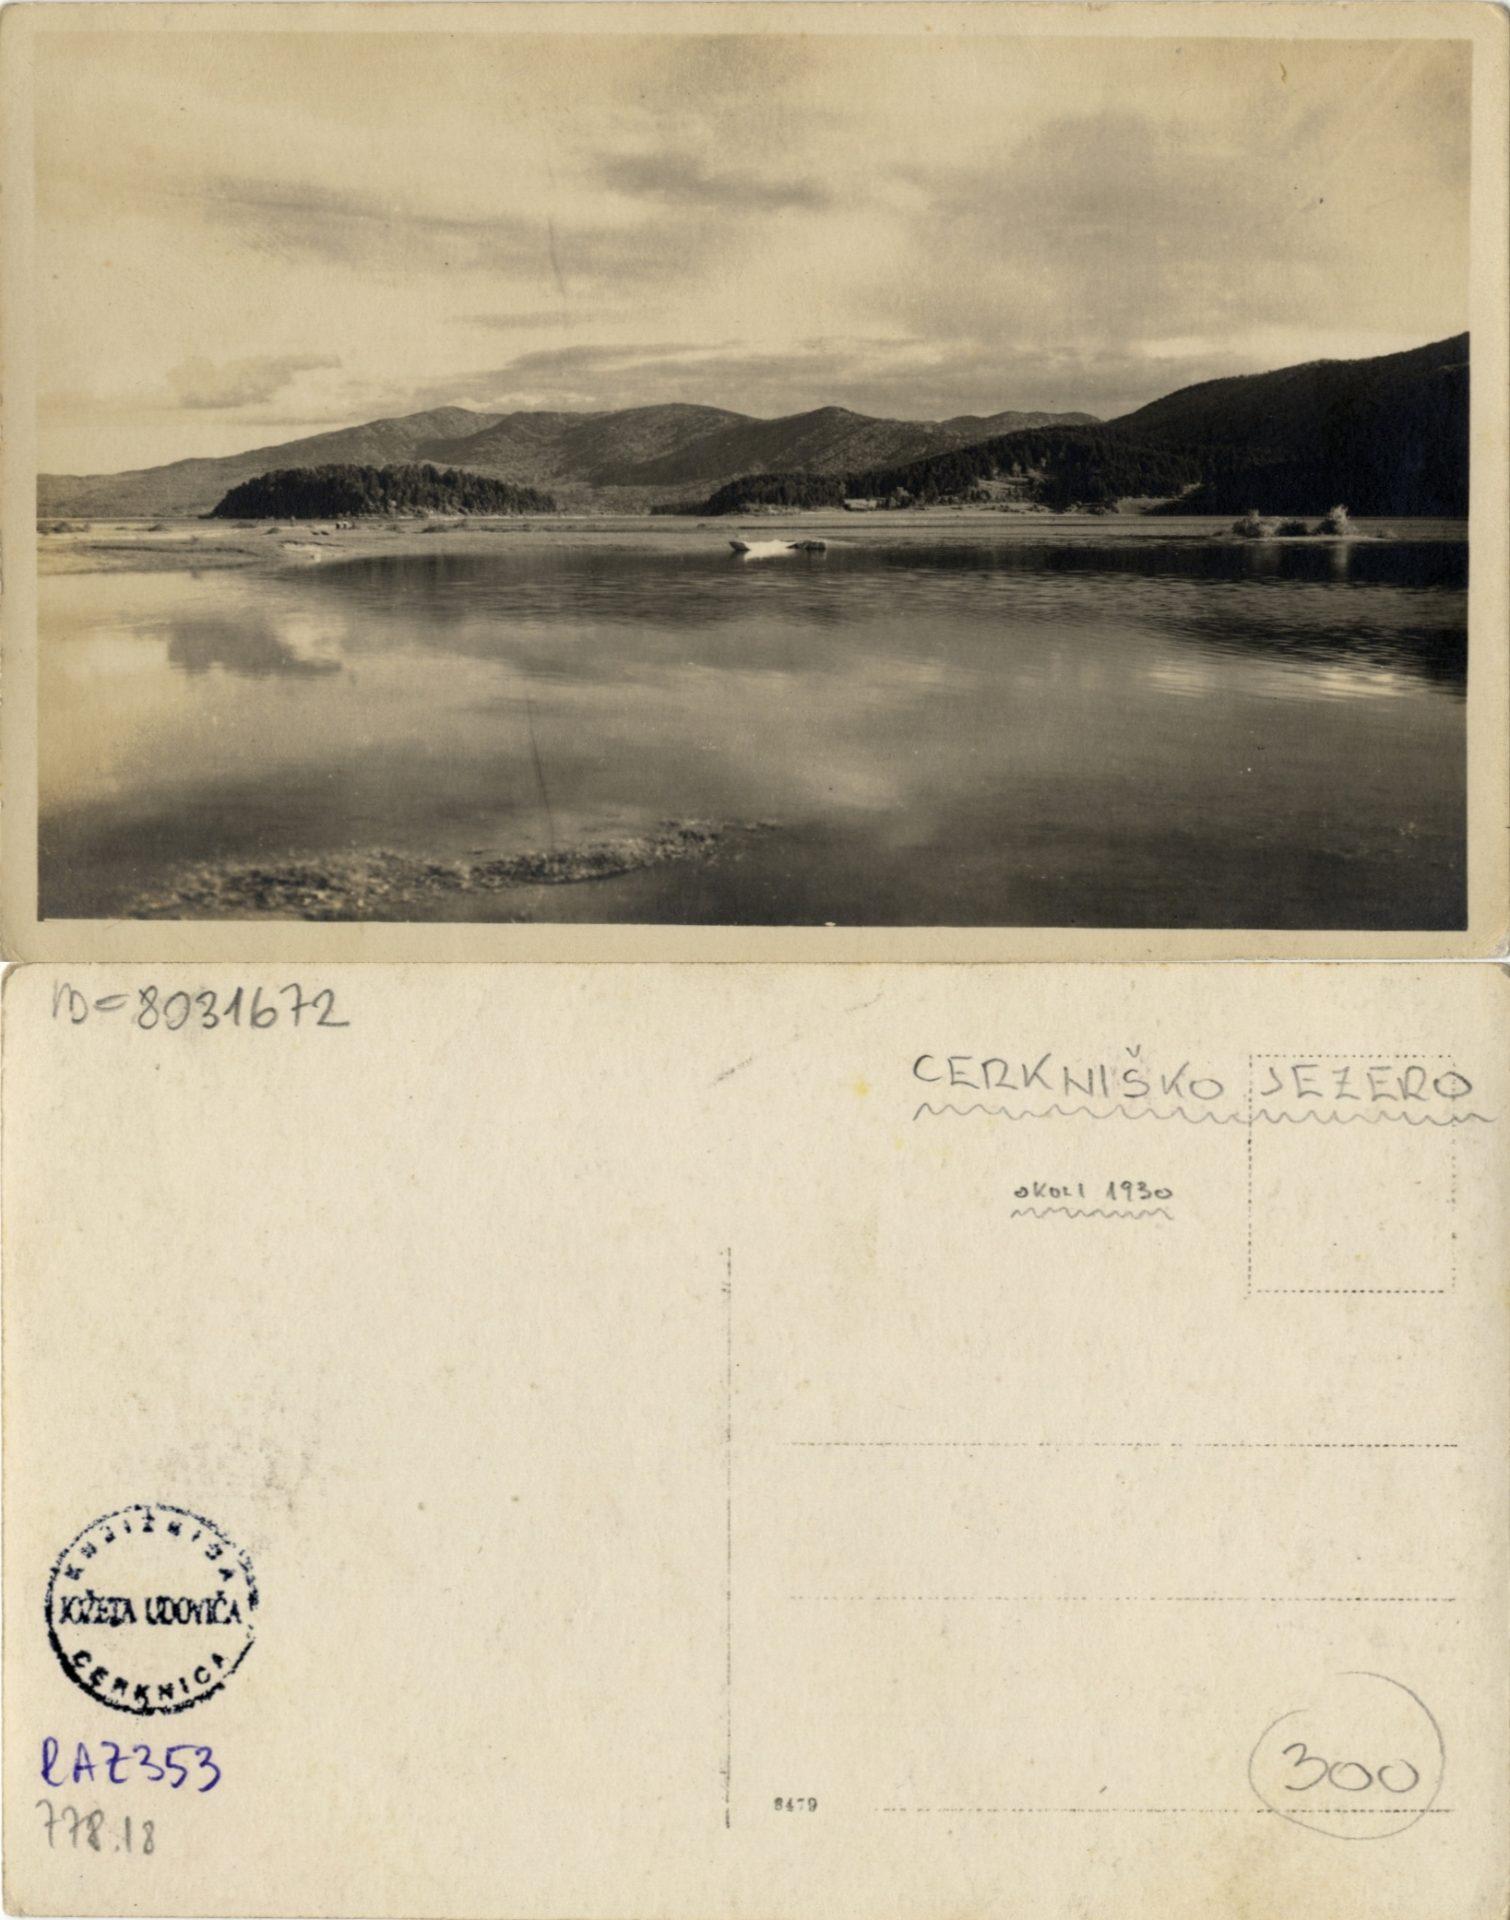 zlimano 10 - Cerkniško jezero